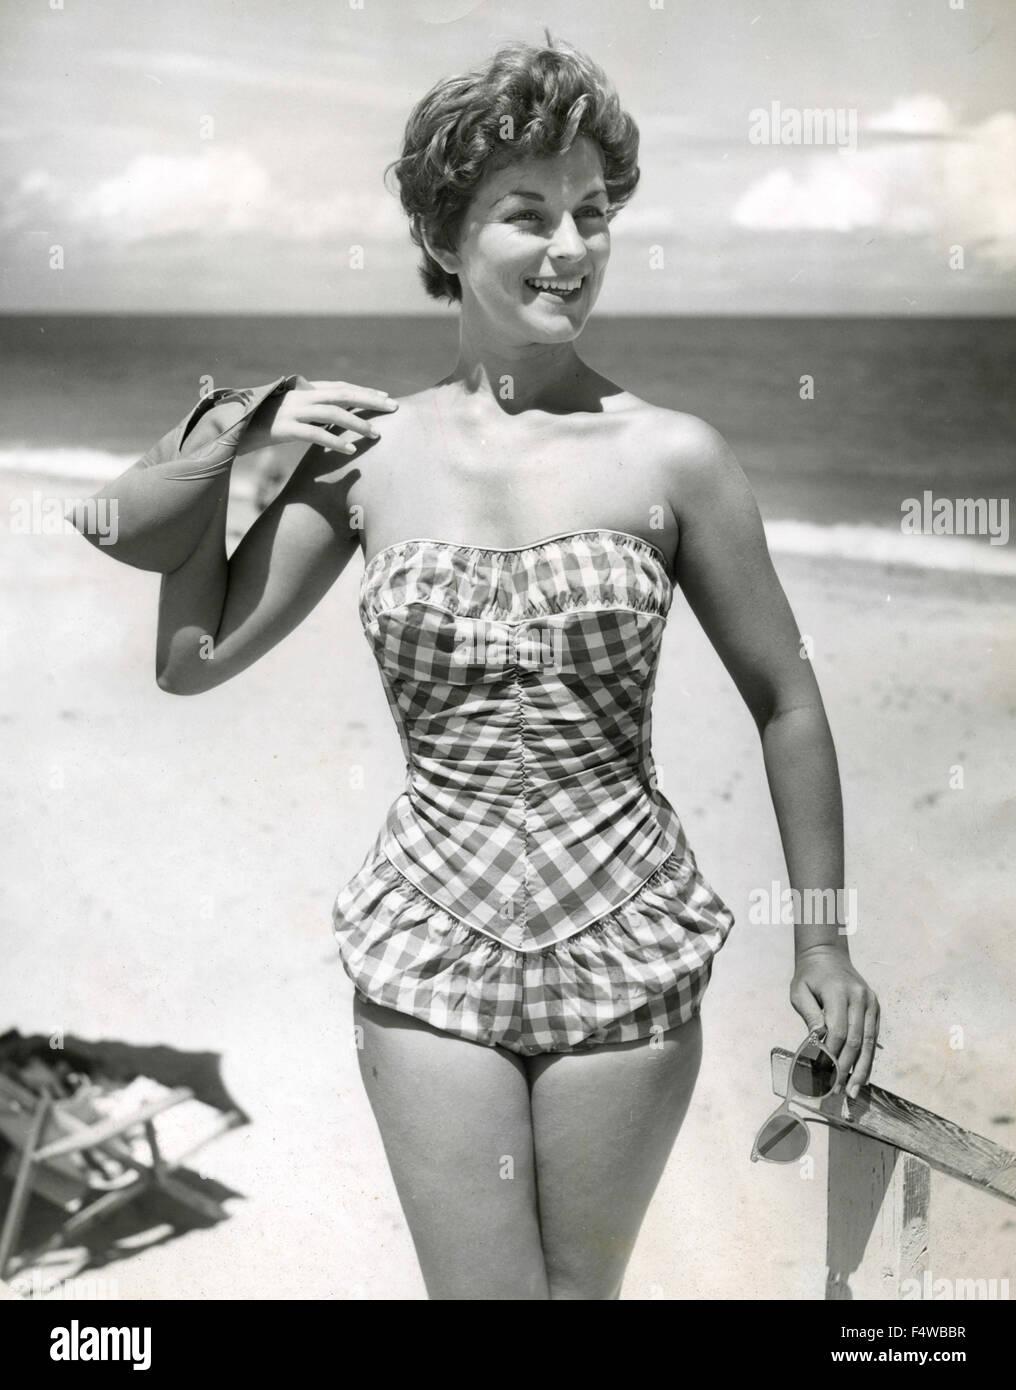 Ein Modell stellt einen Badeanzug 50er Jahre Stockbild